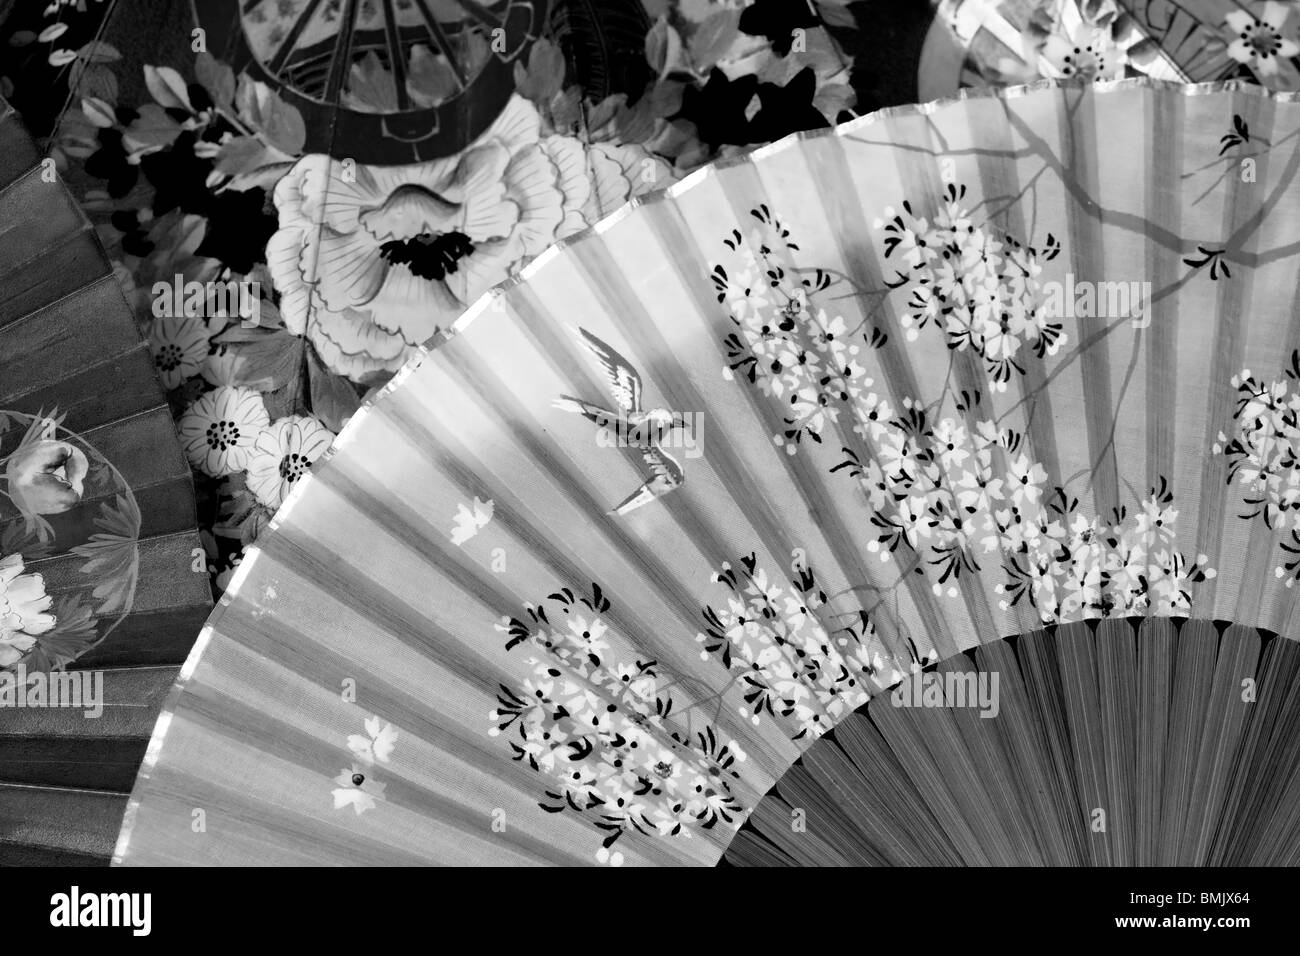 Una selezione di vecchi Vintage seta decorativi ventilatori di piegatura Immagini Stock